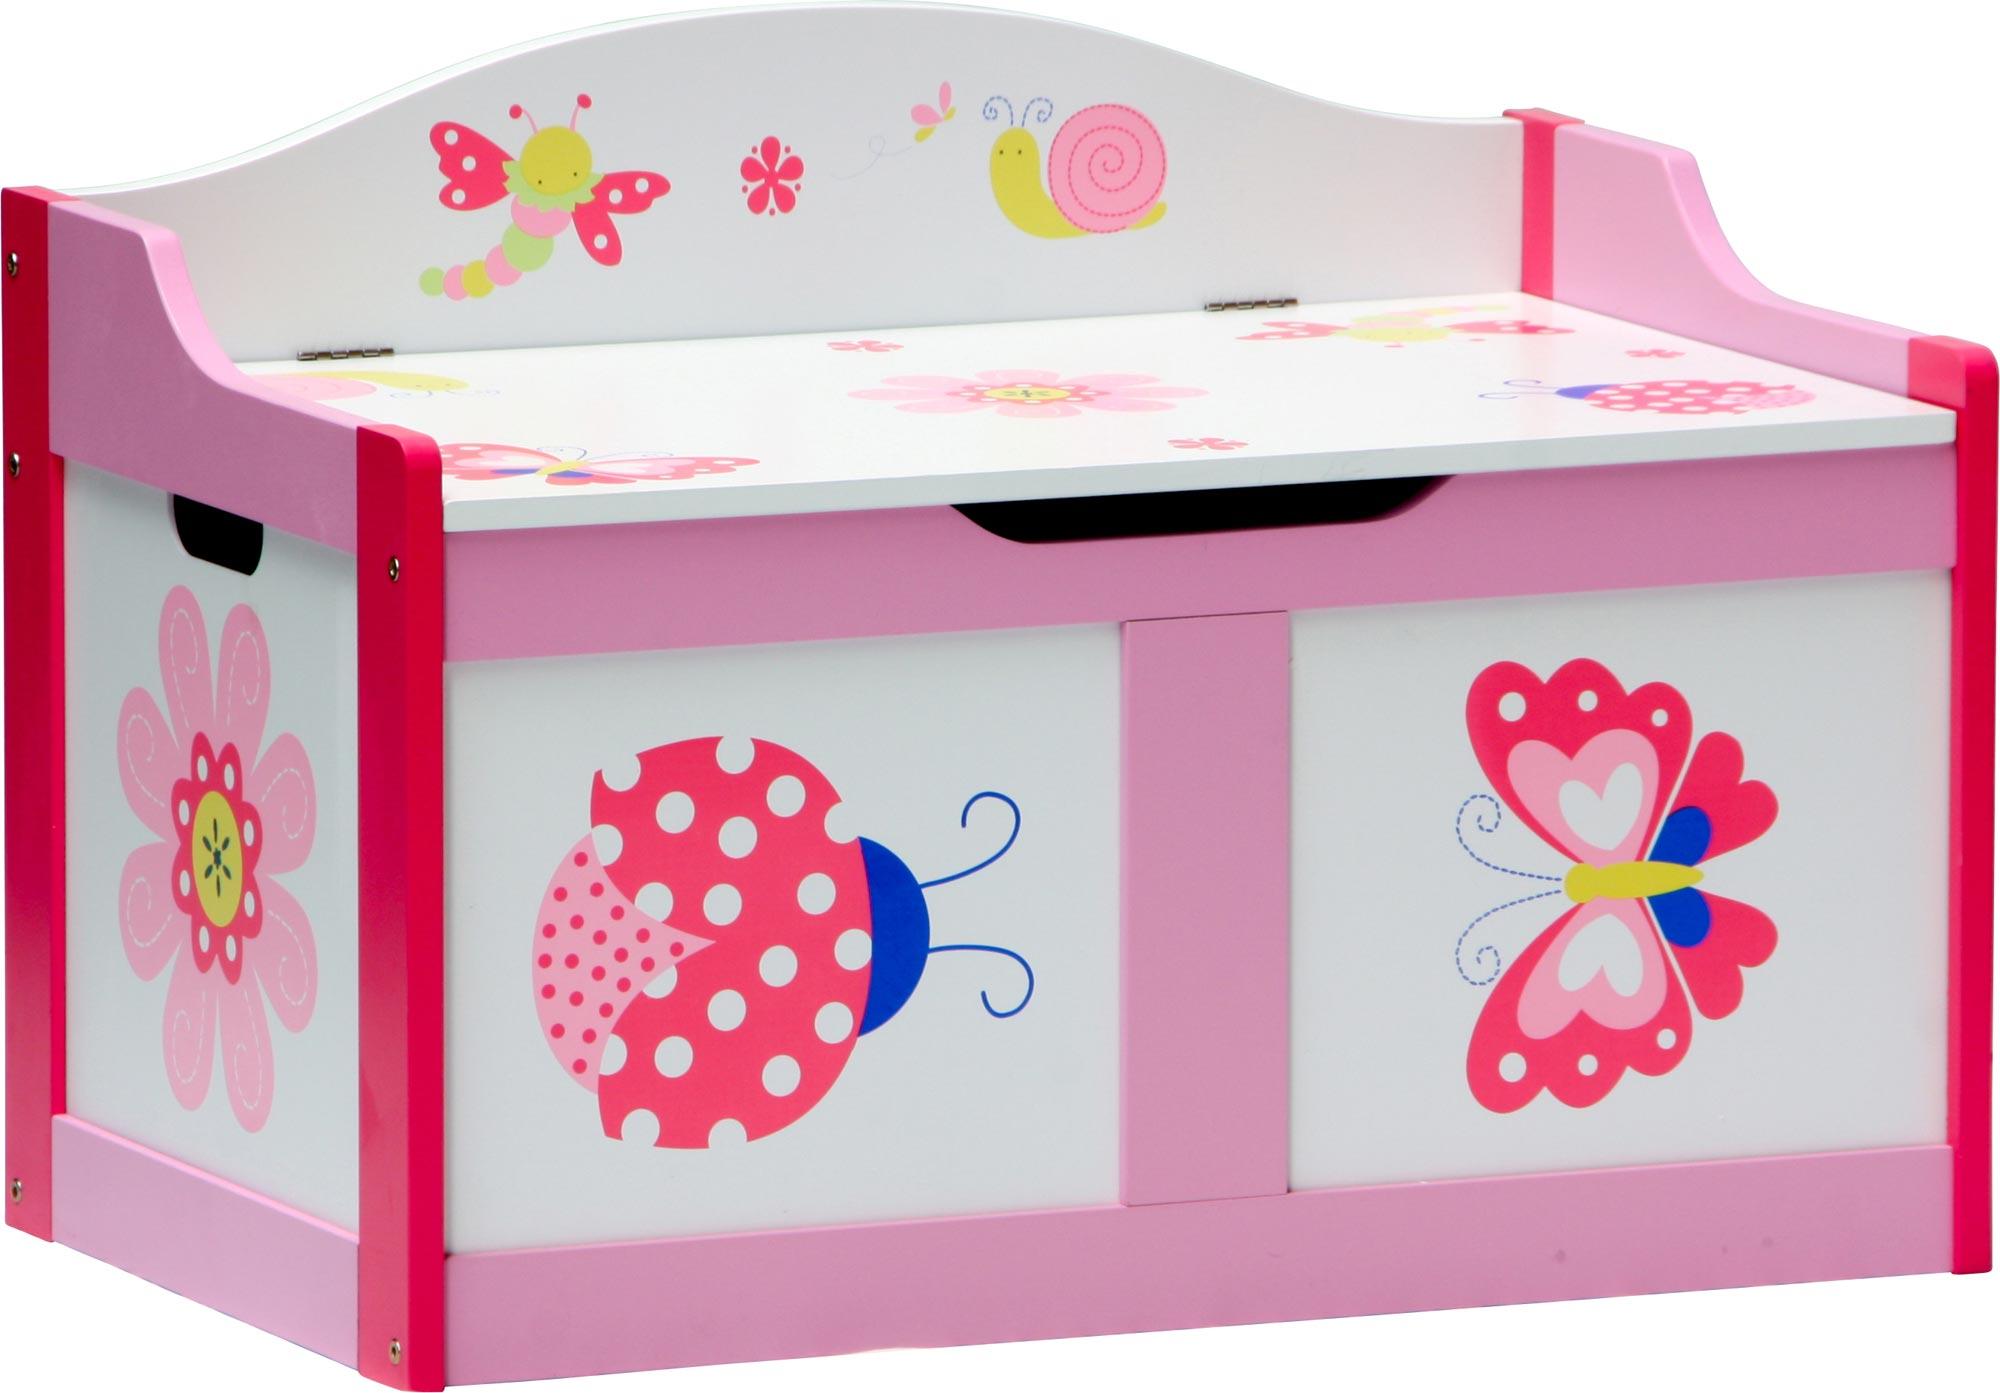 kinderm bel butterfly kindersitzgruppe sitzgruppe kinderstuhl kindertisch kind ebay. Black Bedroom Furniture Sets. Home Design Ideas